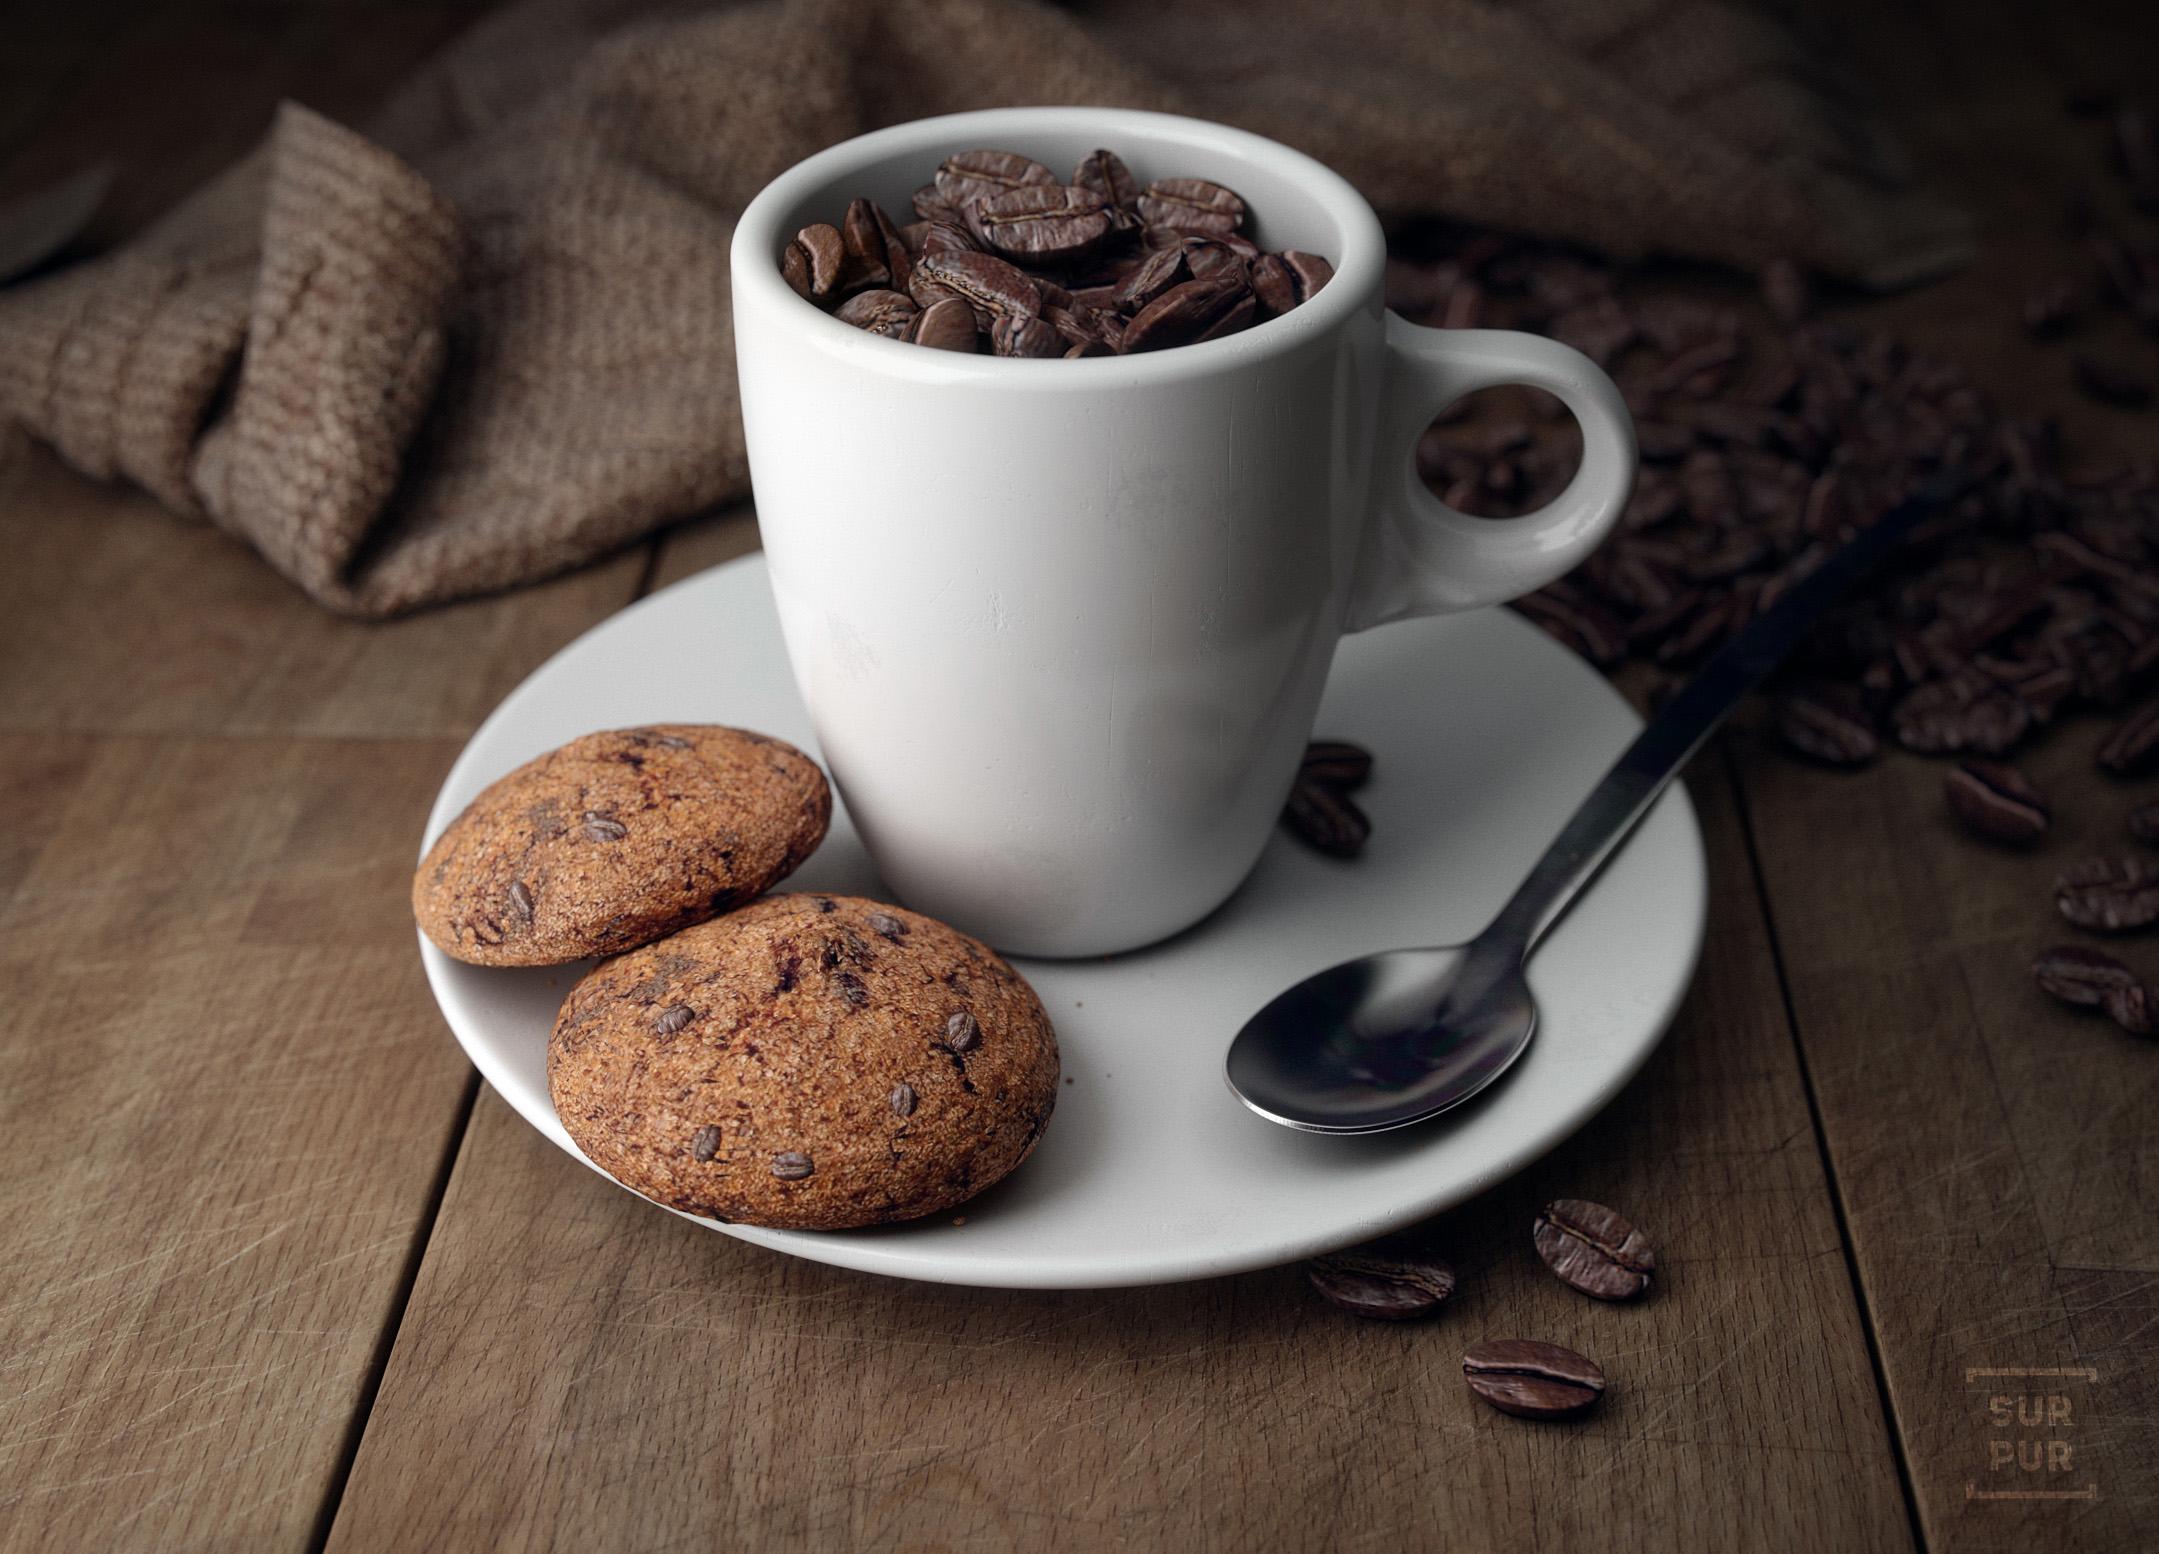 картинки кофе в кружке и печеньки рассказали что него